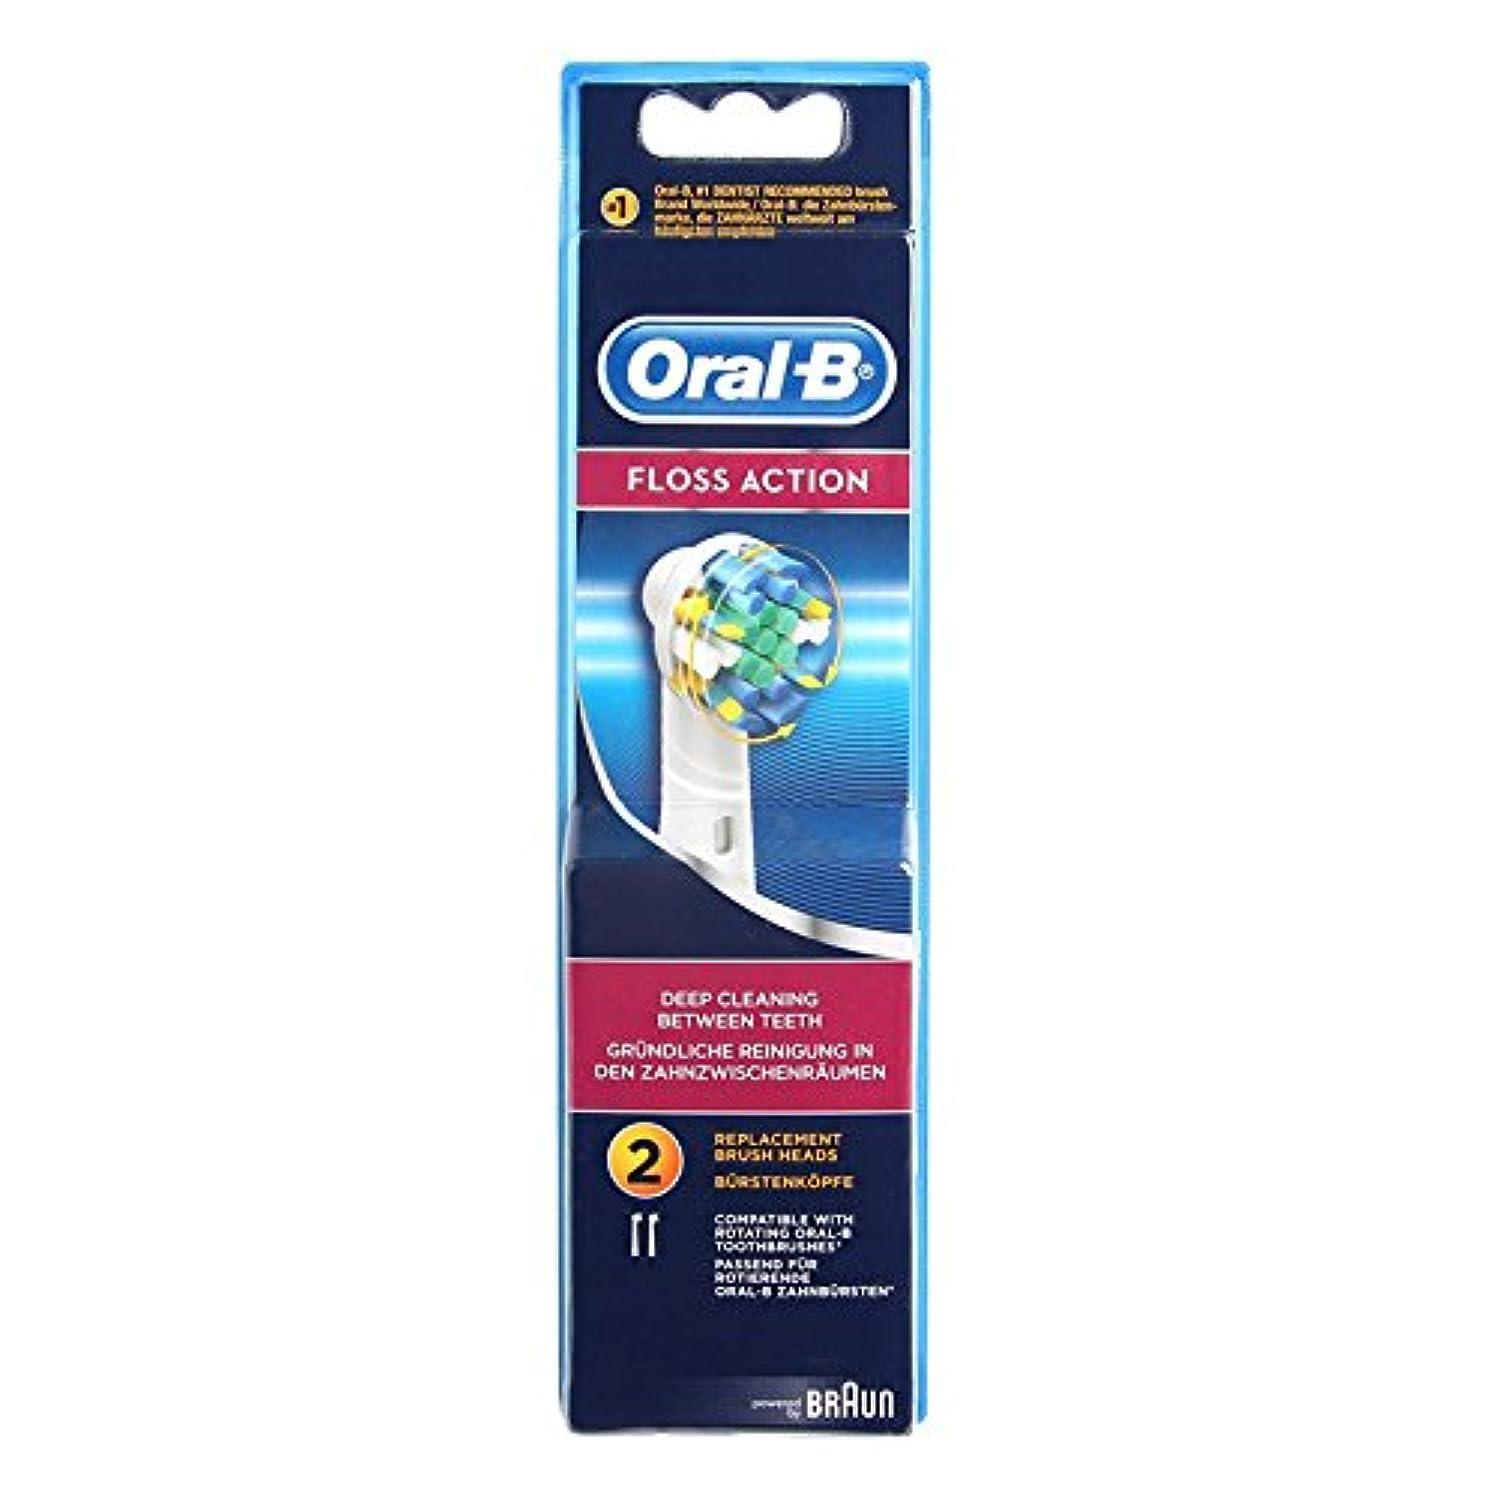 肺炎克服するエキゾチックBraun Oral-B EB25-2 Floss Action 交換式充電式歯ブラシヘッド 1Pack [並行輸入品]